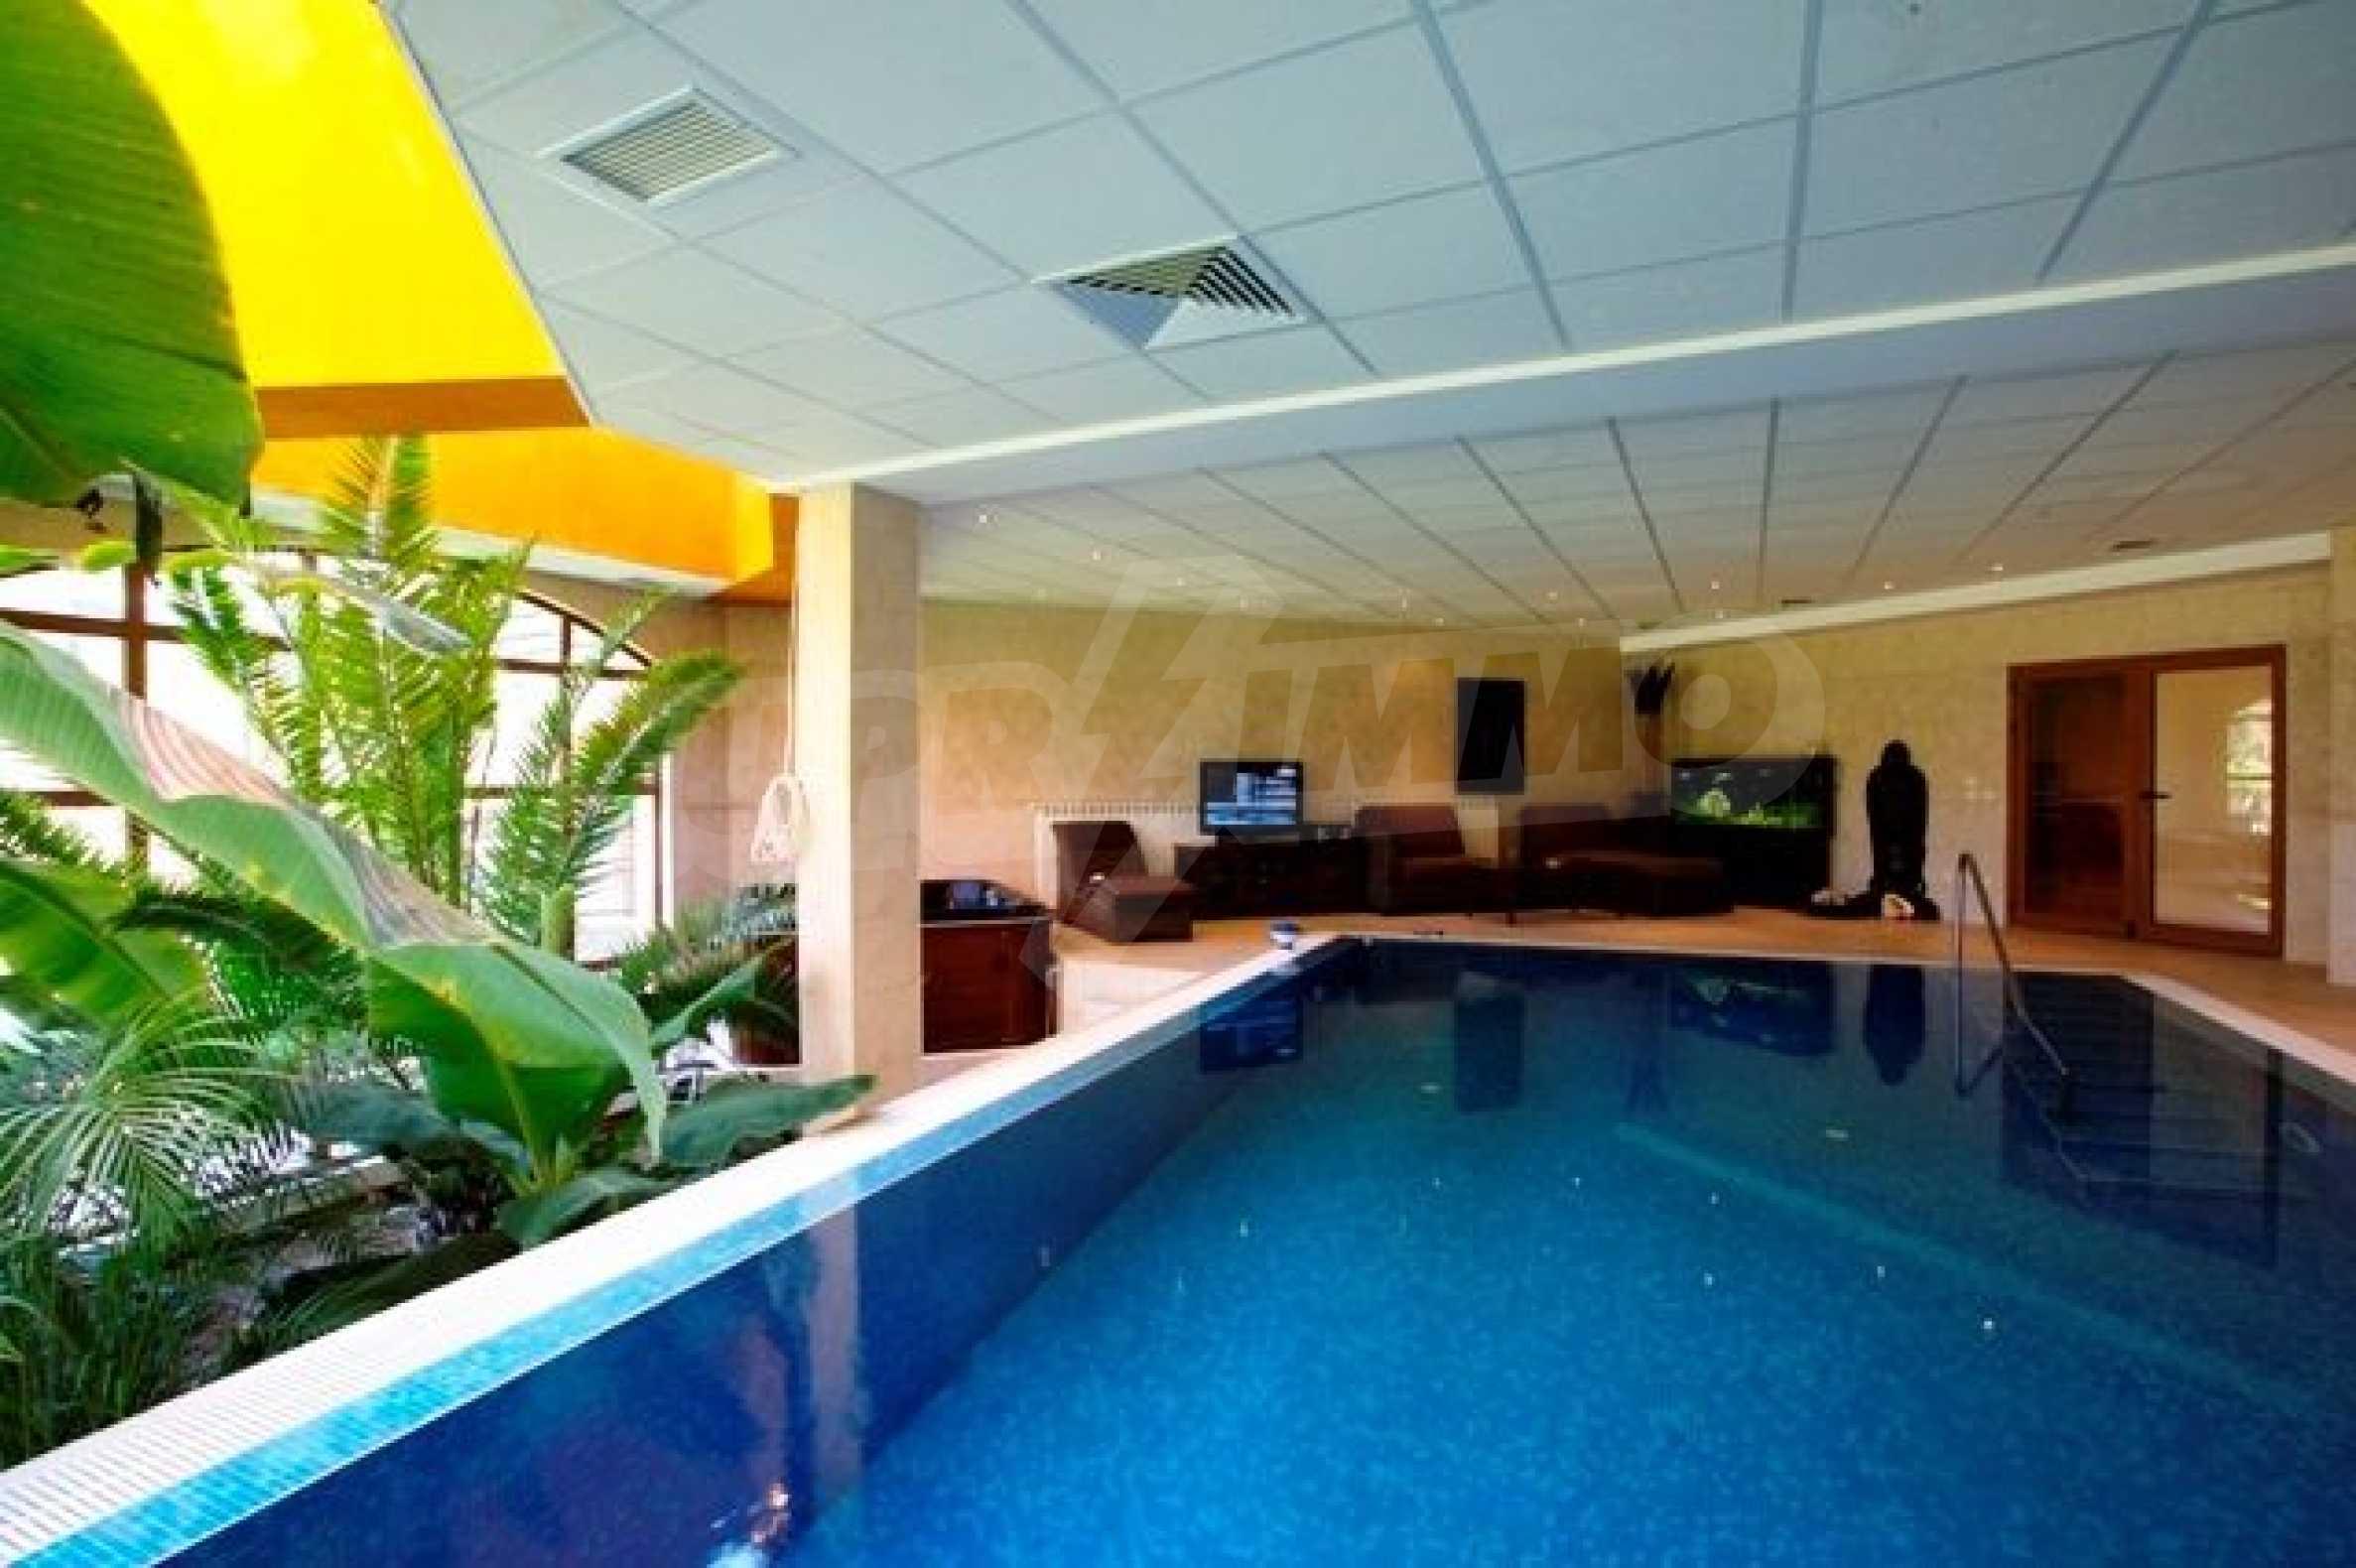 Великолепно имение с басейн и градина във френския стил прованс 13